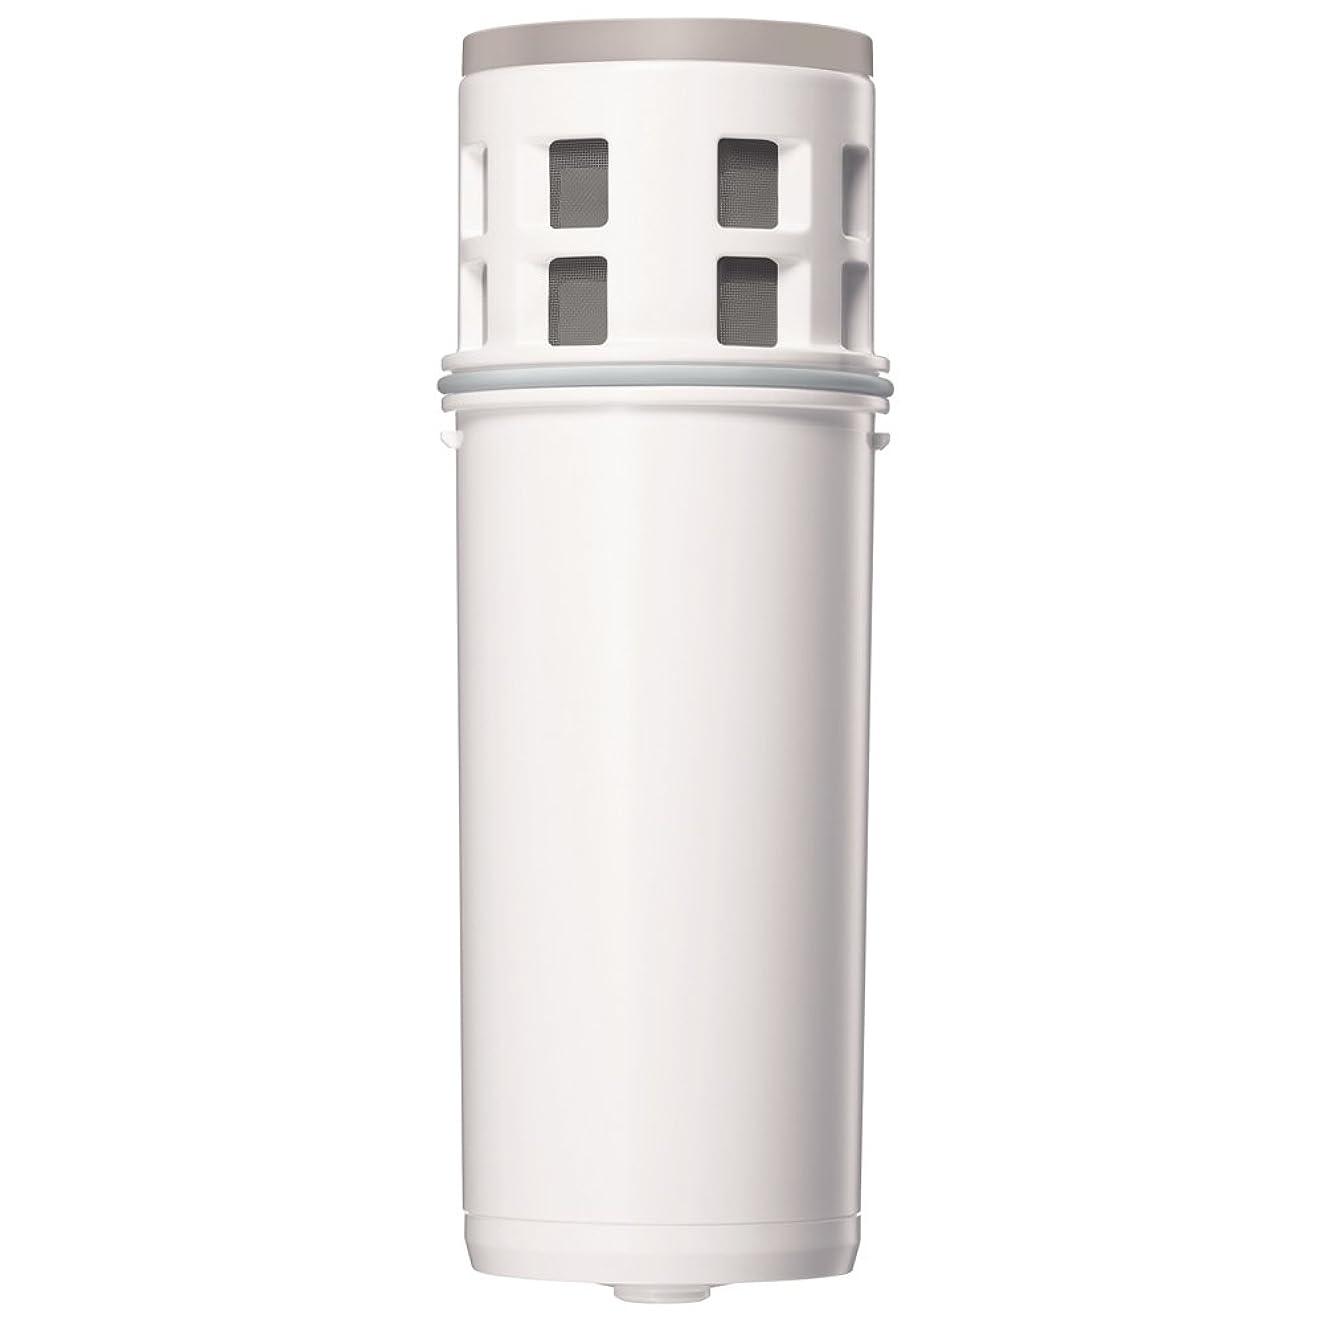 めんどり思いやり毎日クリンスイ アルカリポットシリーズ ポット型浄水器用交換カートリッジ 2個入 CPC7W-NW